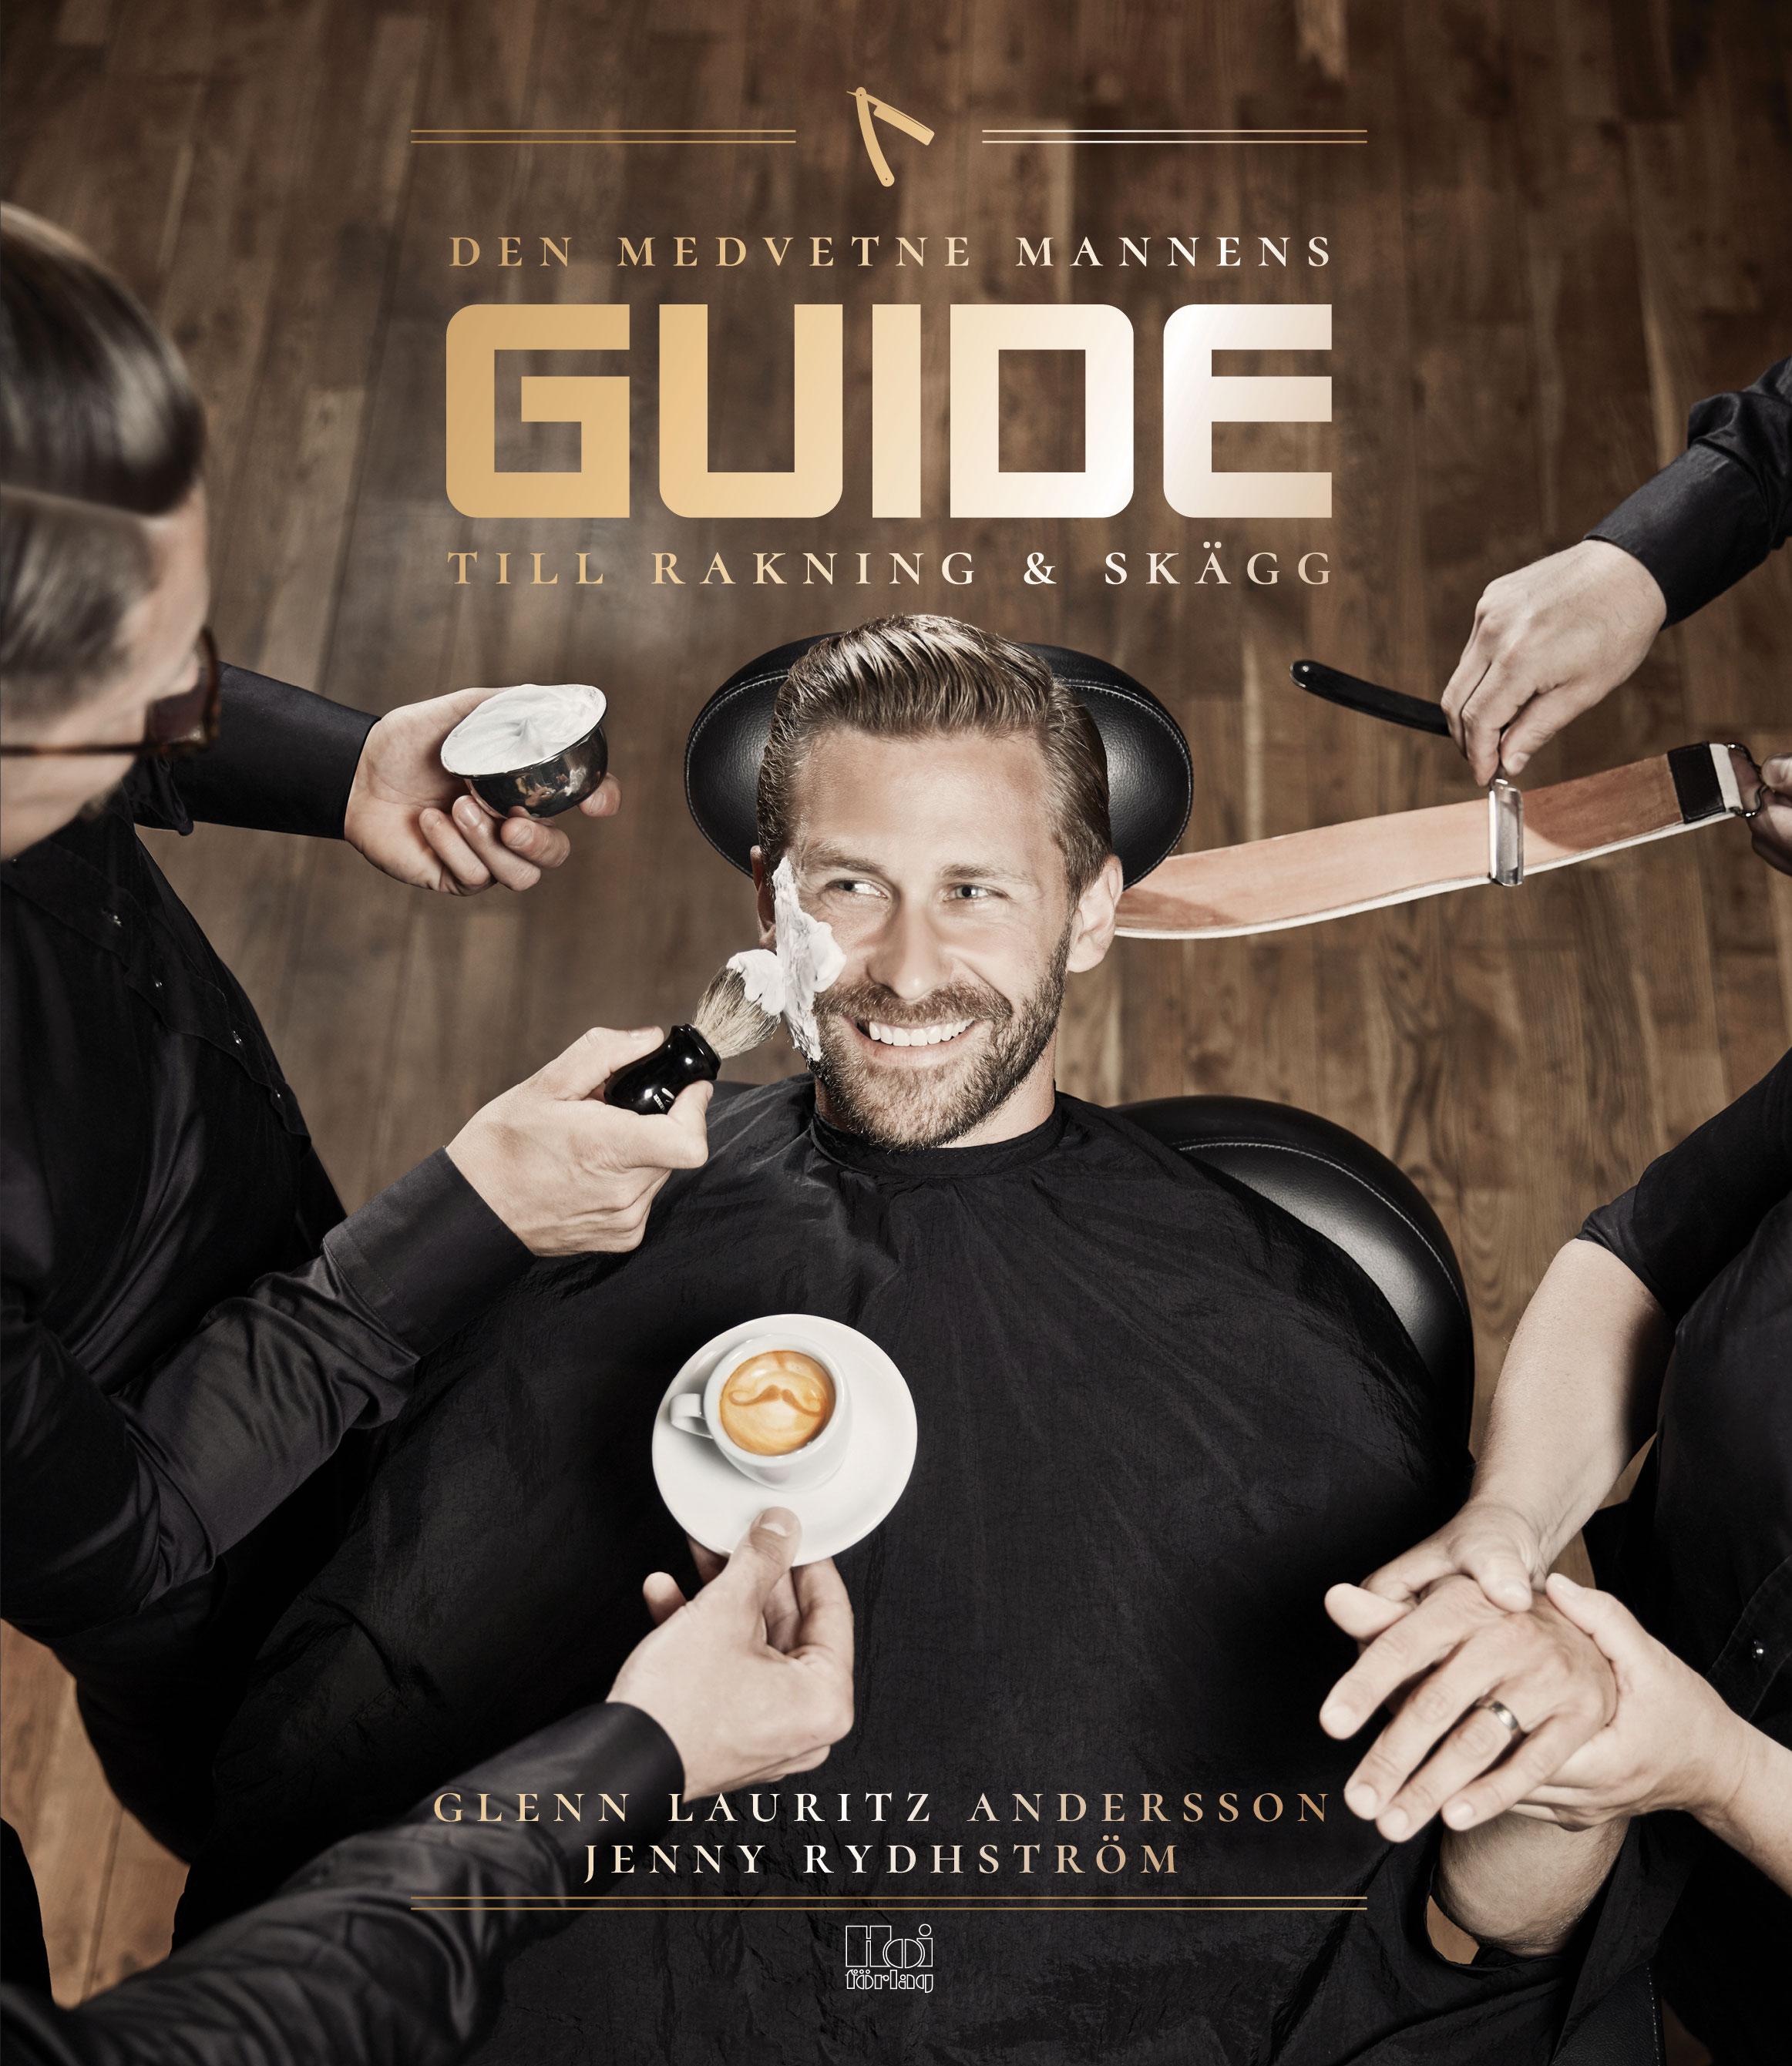 Den medvetne mannens guide till rakning och skägg